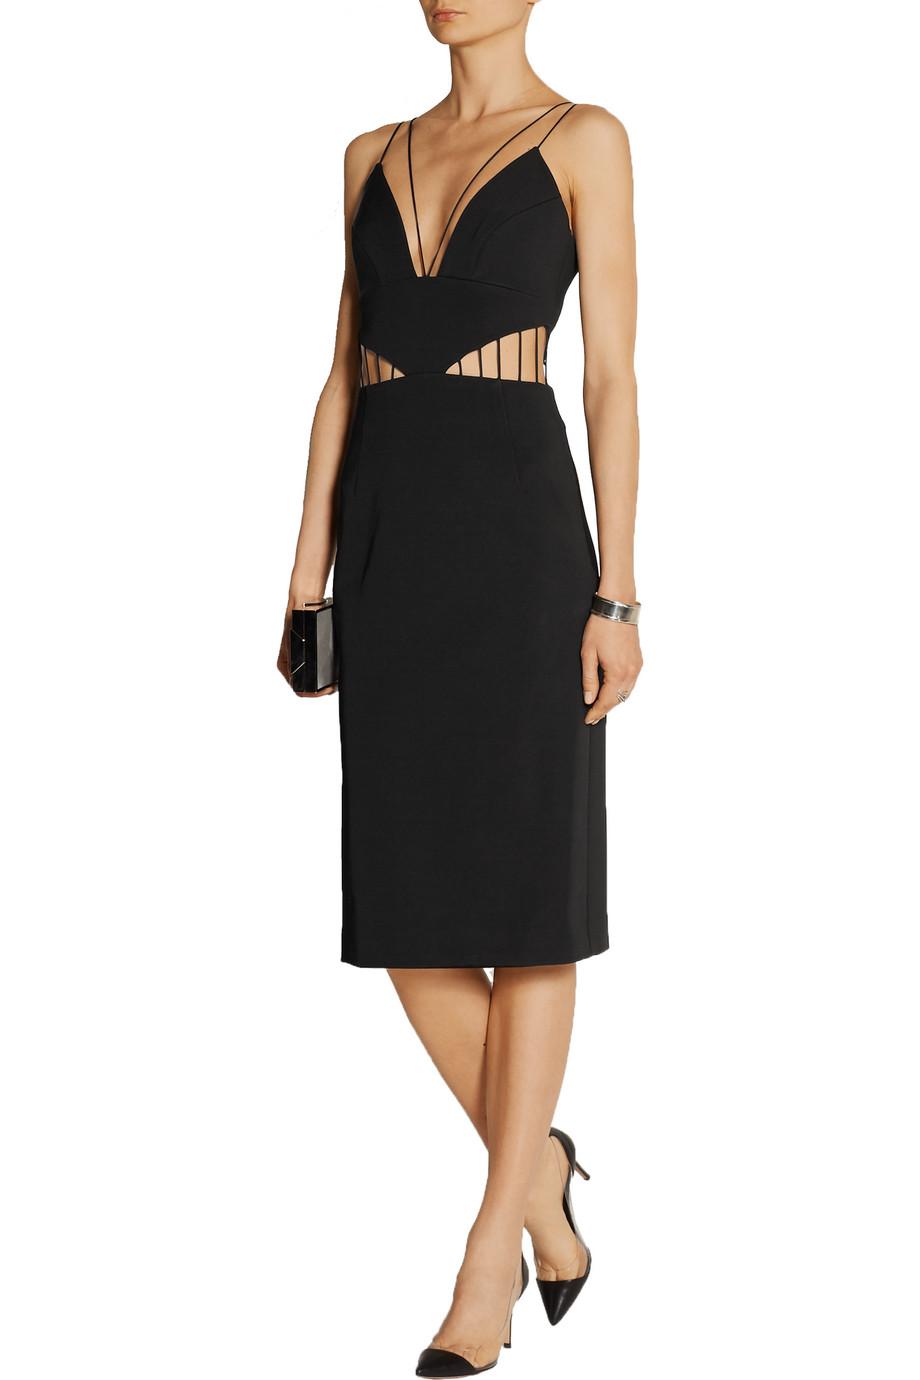 e4dda51c3f40 Cushnie et Ochs Cutout stretch-ponte dress